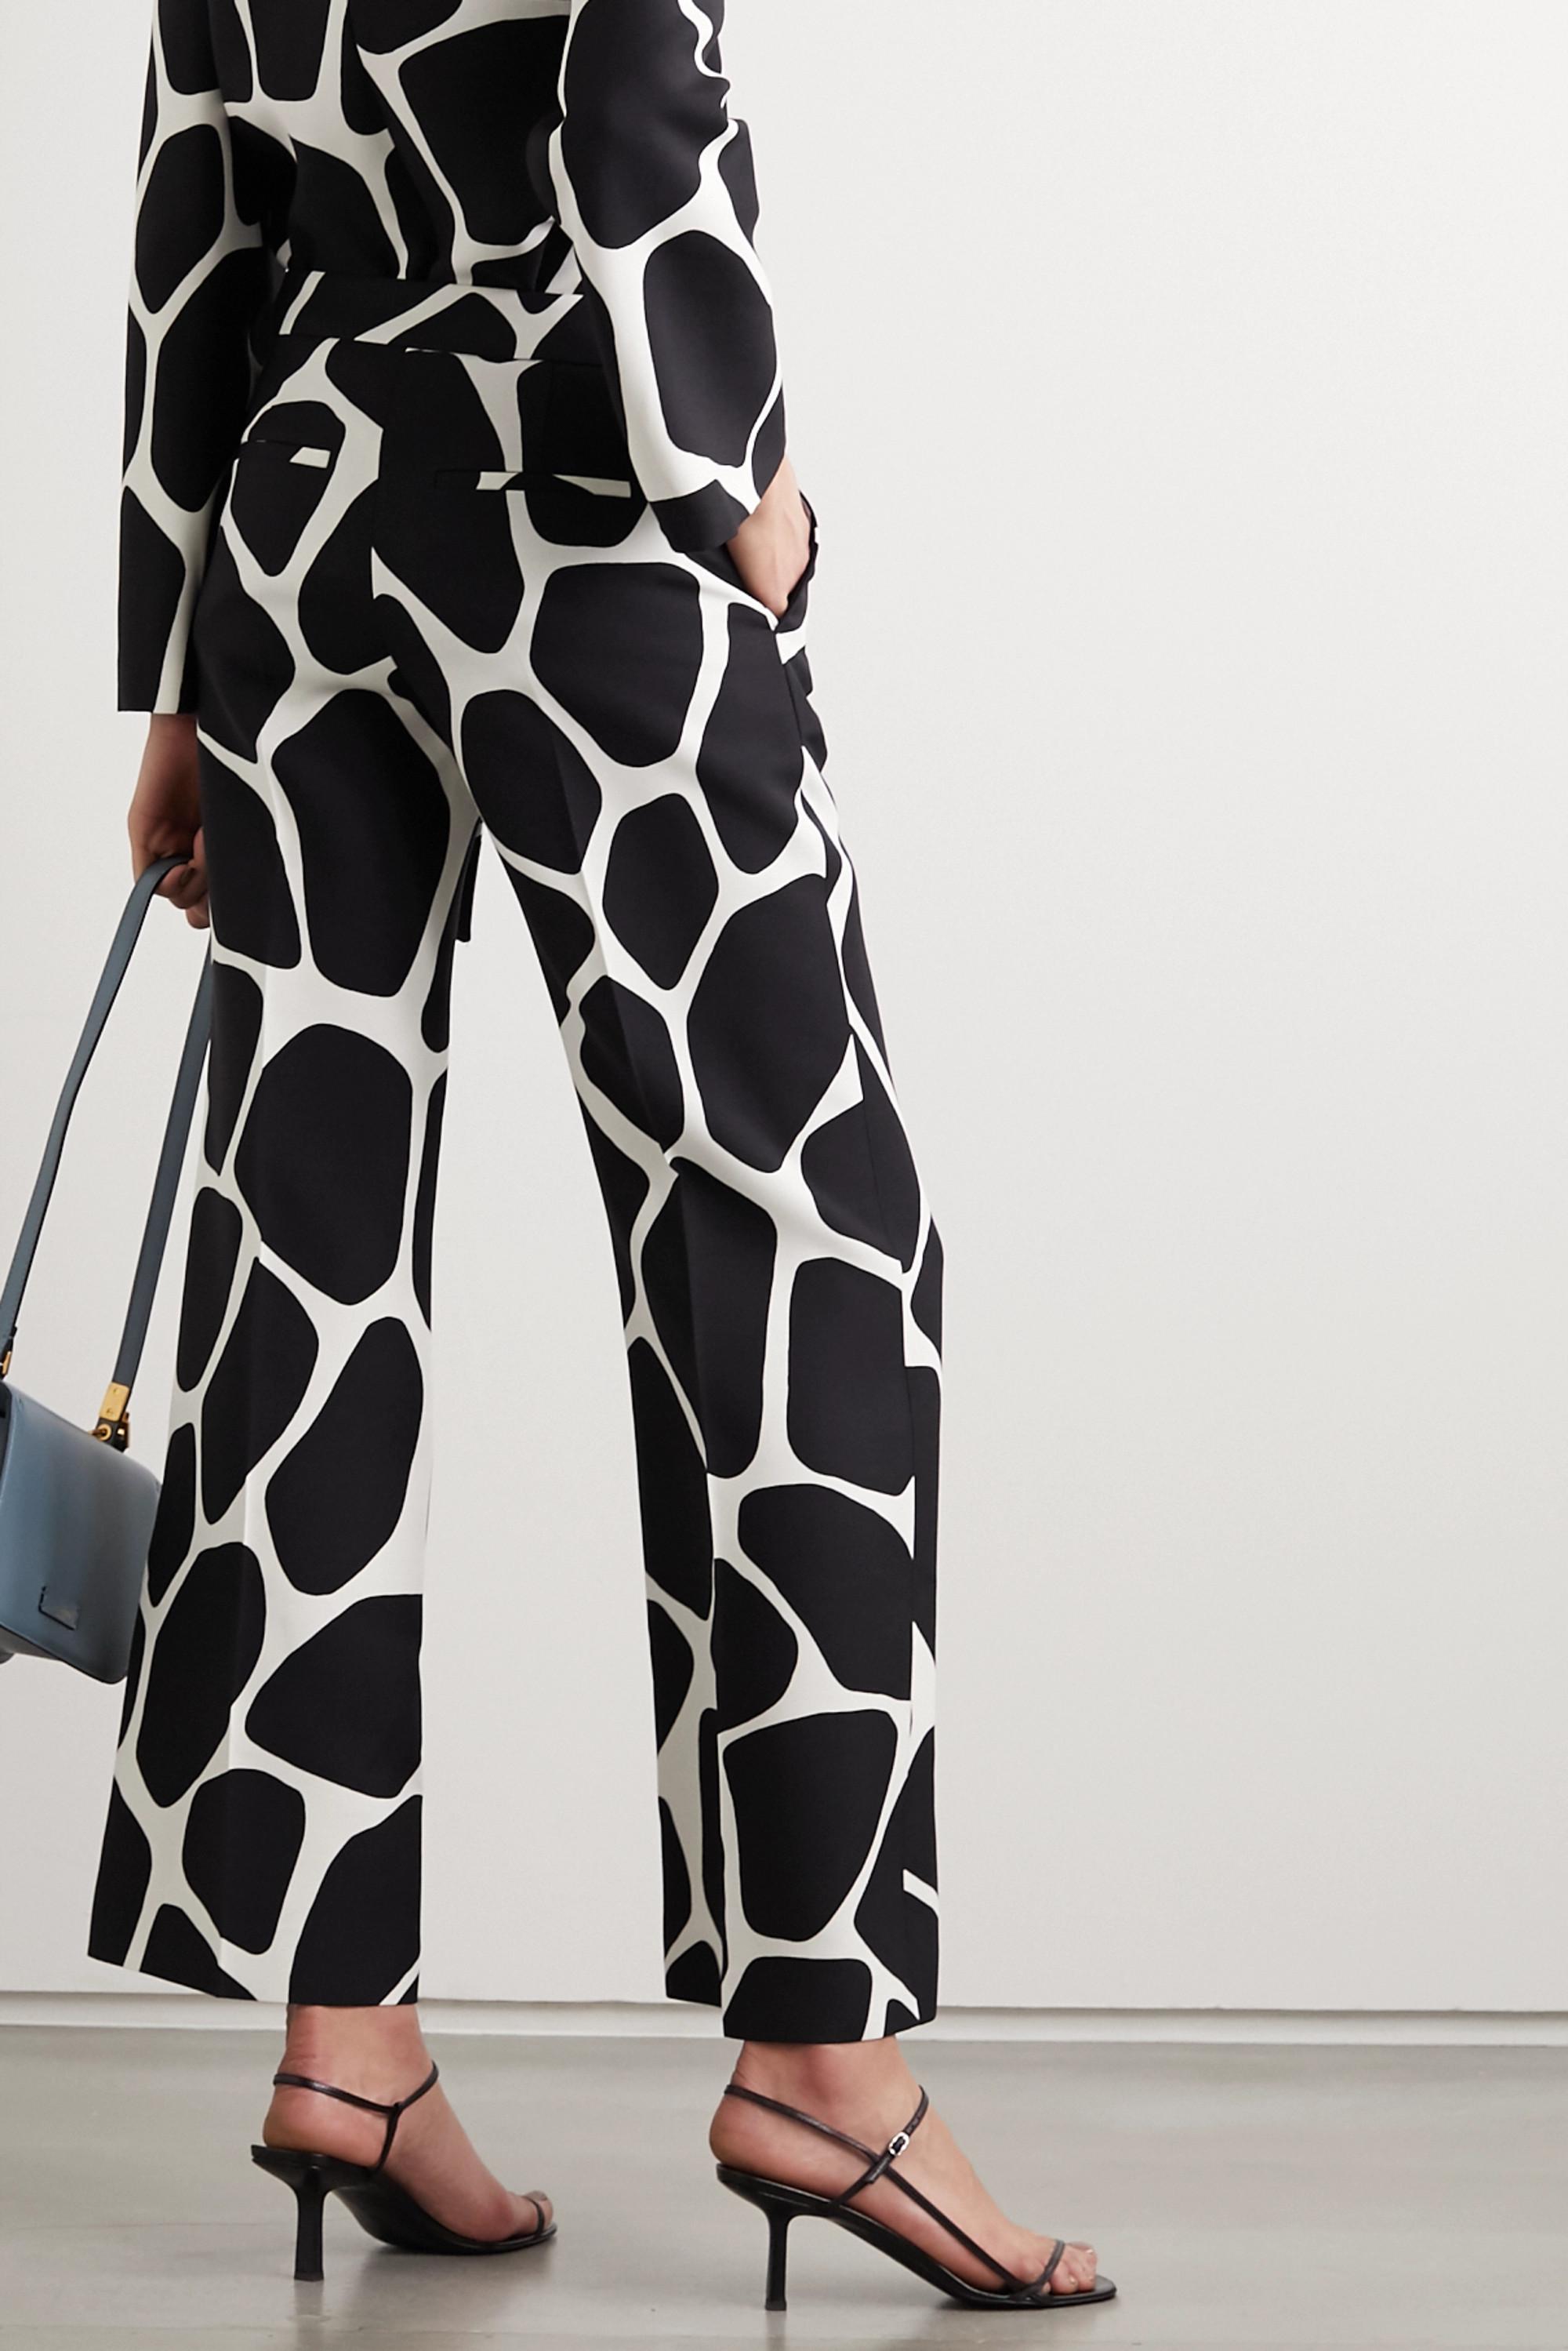 Valentino Bedruckte Hose mit weitem Bein aus Crêpe aus einer Woll-Seidenmischung